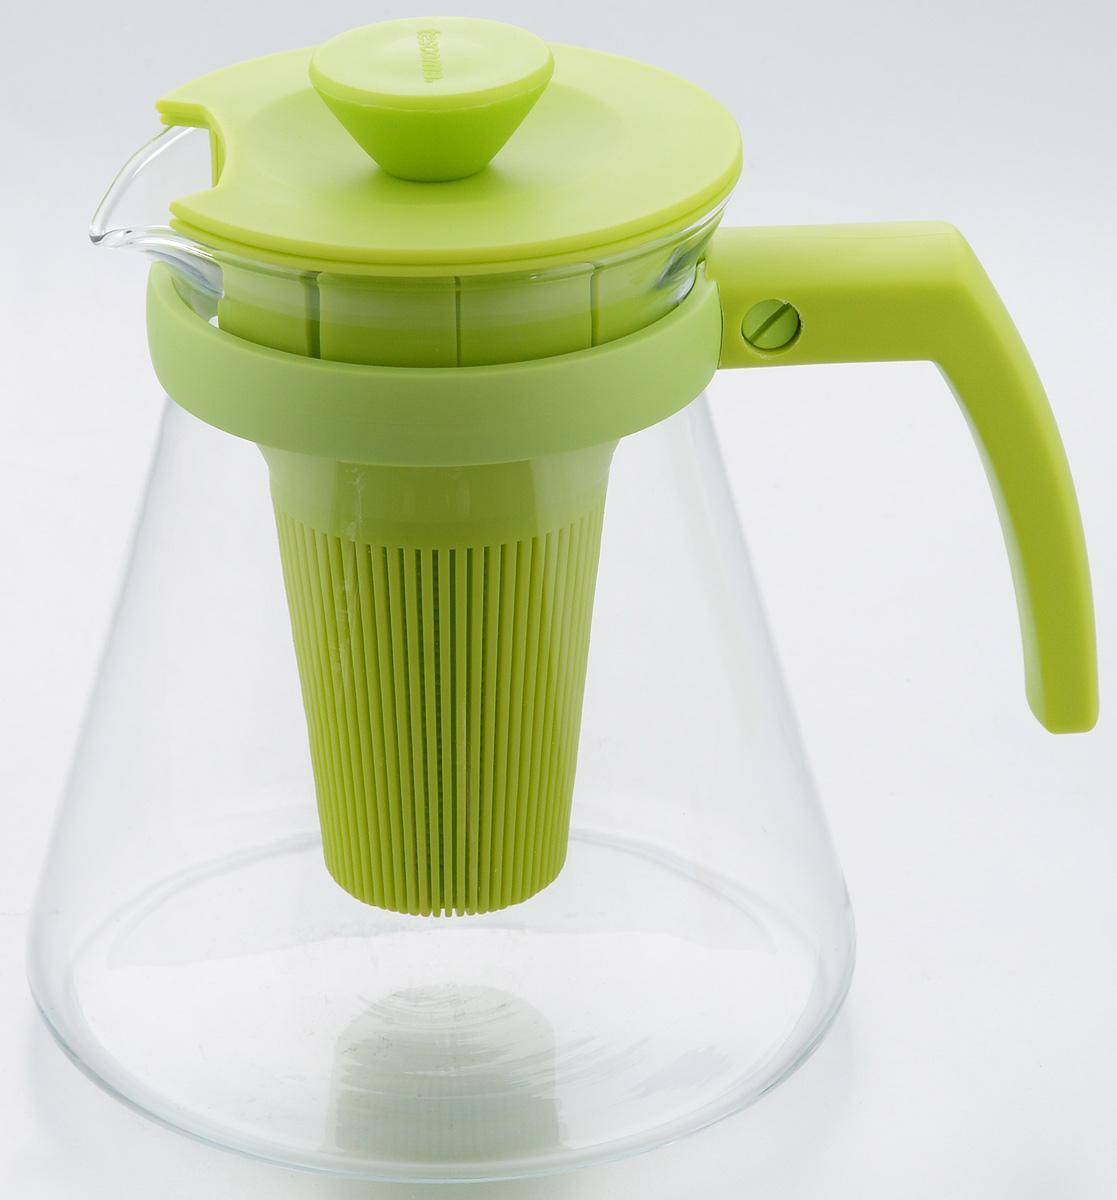 """Чайник заварочный Tescoma """"Teo Tone"""" предназначен для подготовки и сервировки всех видов чая и чайных напитков. Чайник снабжен глубоким ситечком для заваривания свежей мяты, мелиссы, имбиря, сушеного шиповника, фруктов, а также очень густым ситечком для заваривания всех видов рассыпного чая. Корпус чайника изготовлен из термостойкого боросиликатного стекла, поэтому его можно ставить на плиту. Ручка, крышка и ситечко изготовлены из прочного пластика.  Чайник подходит для газовых, электрических и стеклокерамических плит, микроволновой печи. Не рекомендуется мыть в посудомоечной машине.  Инструкция по использованию внутри упаковки.  Диаметр (по верхнему краю): 10 см.  Диаметр основания: 14 см.  Высота: 16 см."""